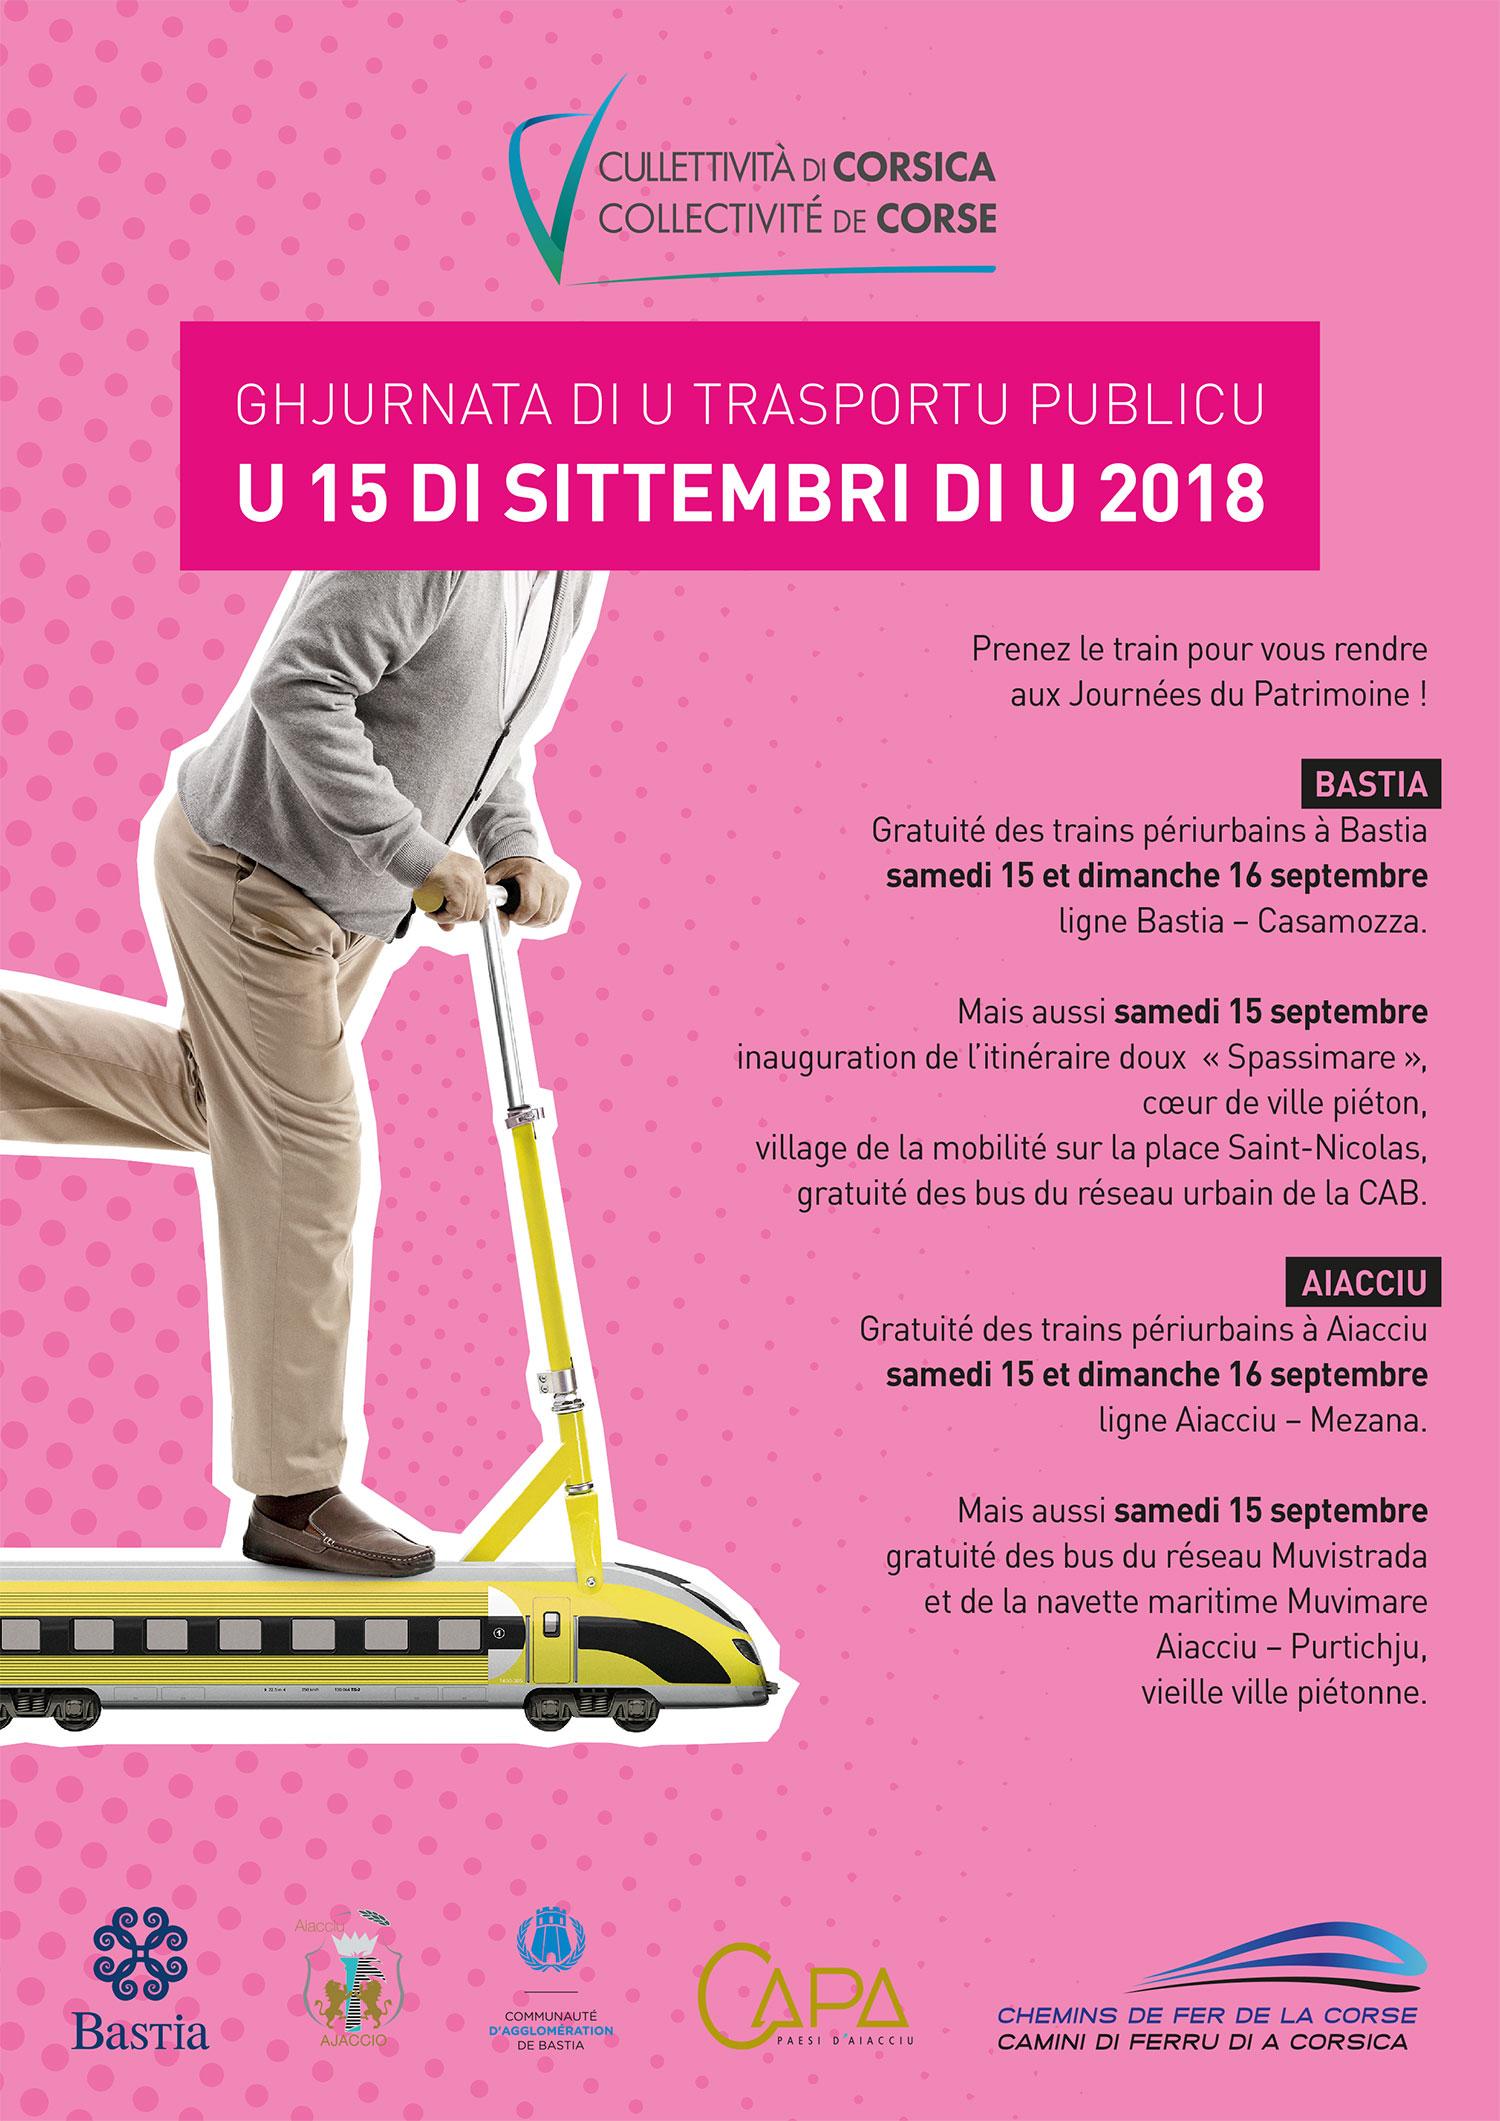 La Collectivité de Corse partenaire de la Journée du transport public / Gratuité des lignes ferroviaires péri-urbaines Aiacciu-Mezana et Bastia-Casamozza tout le week-end